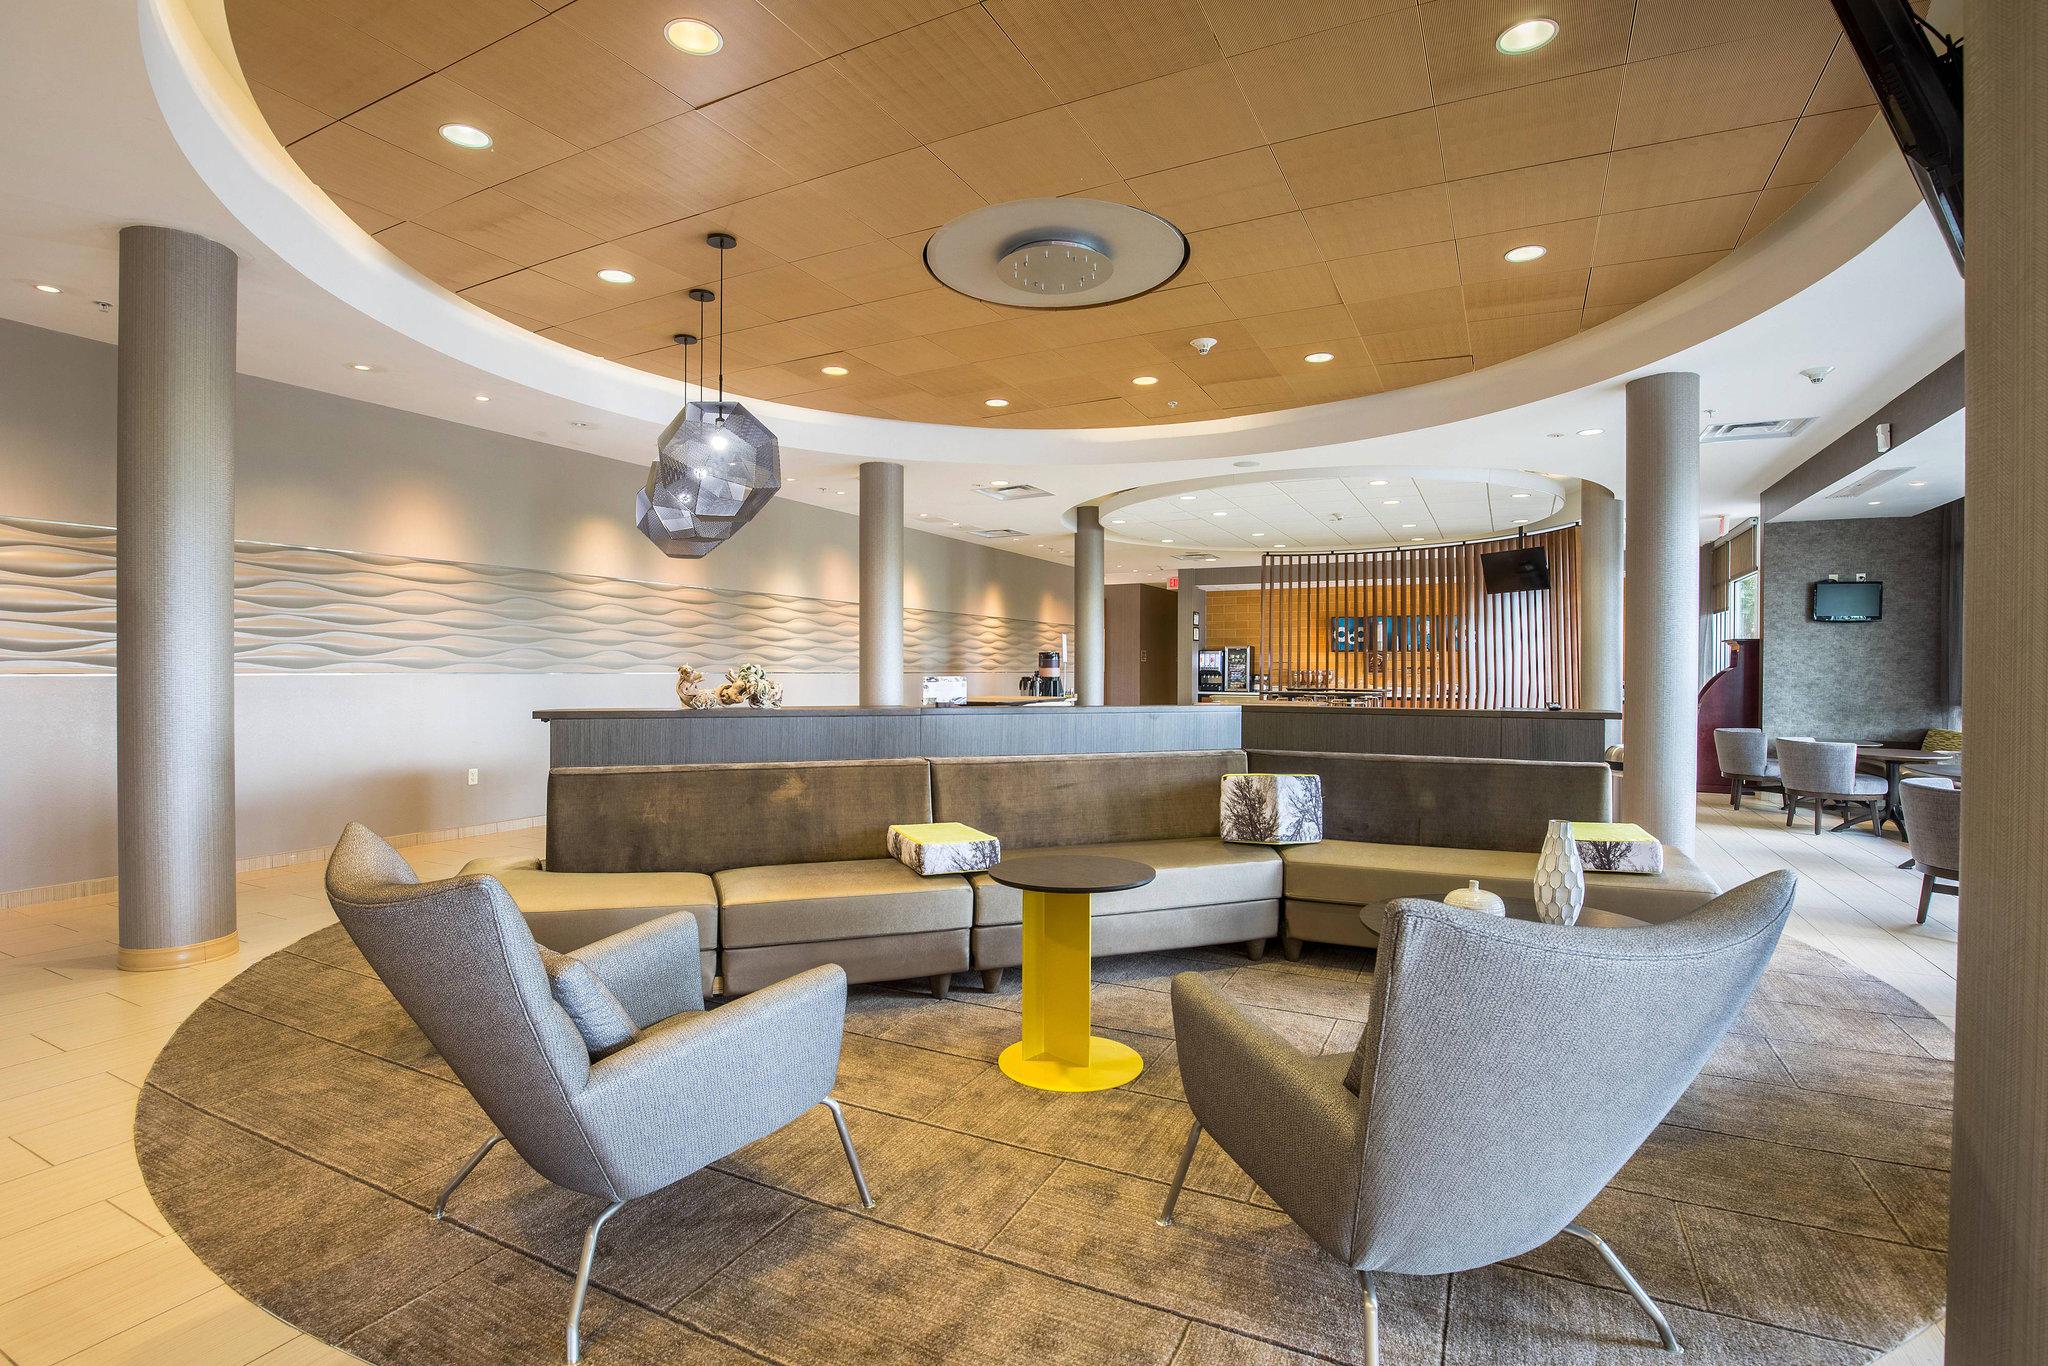 SpringHill Suites by Marriott Houston Rosenberg